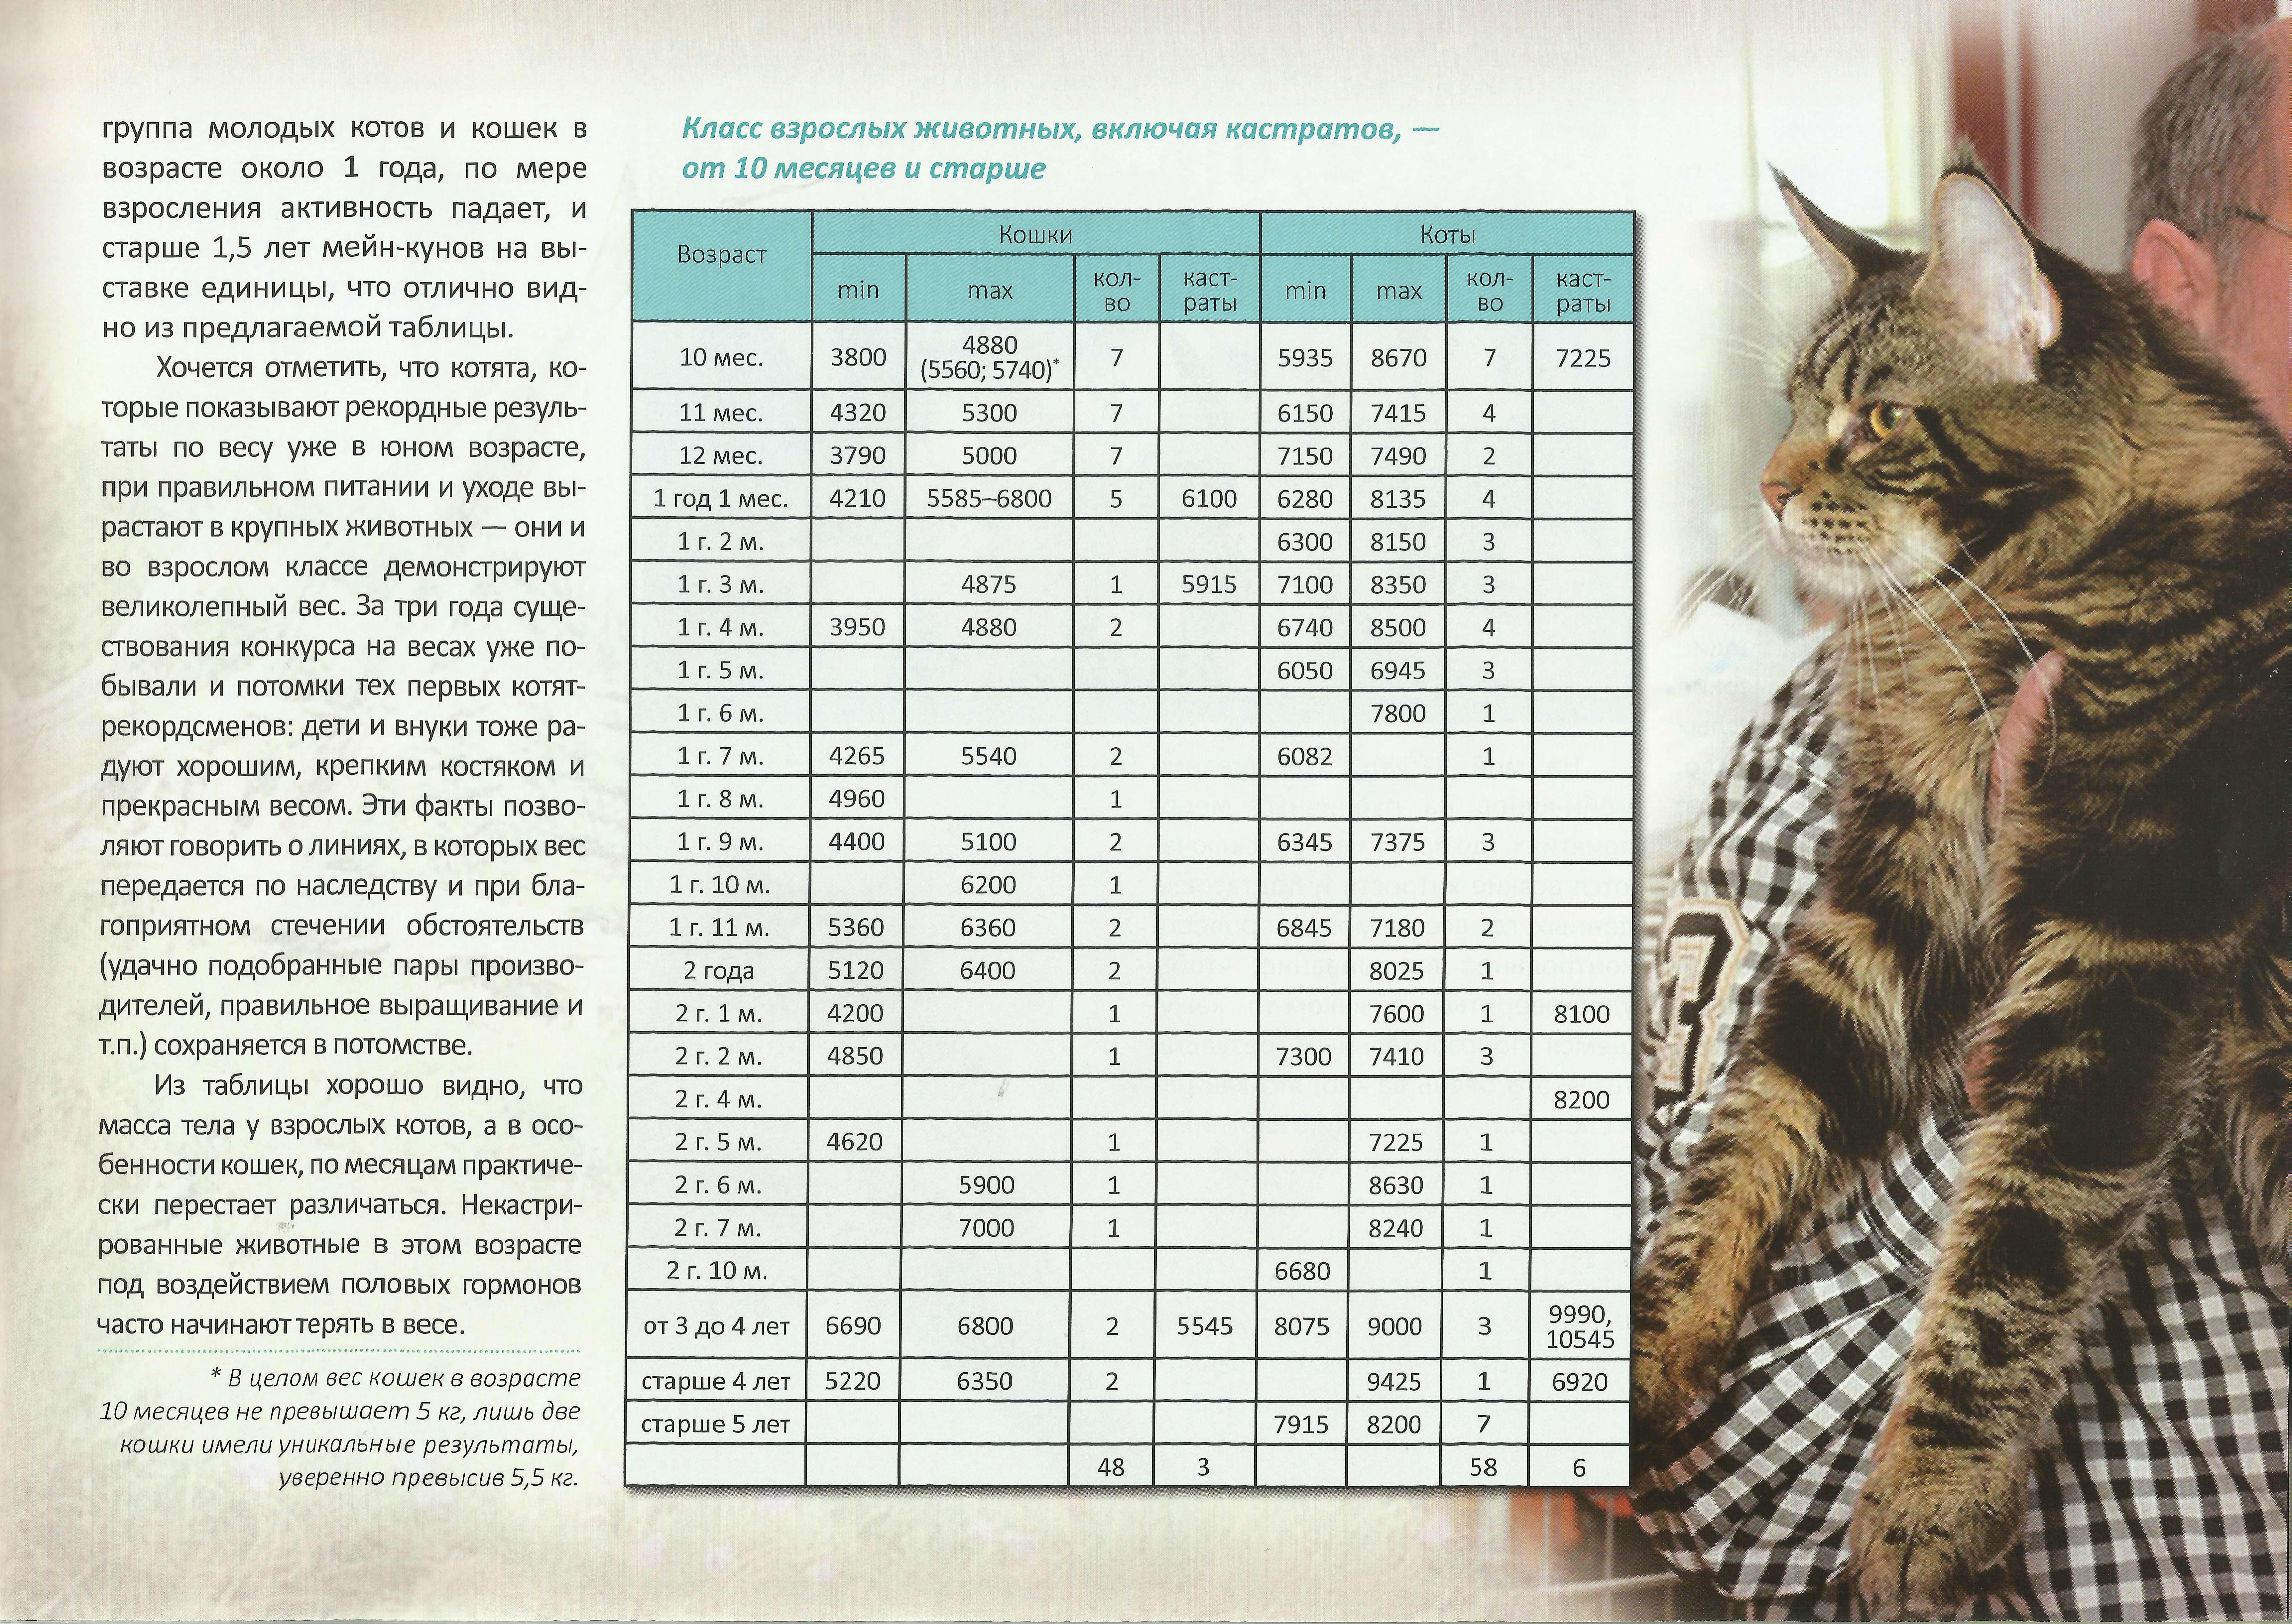 котенок мейн кун фото и вес #10